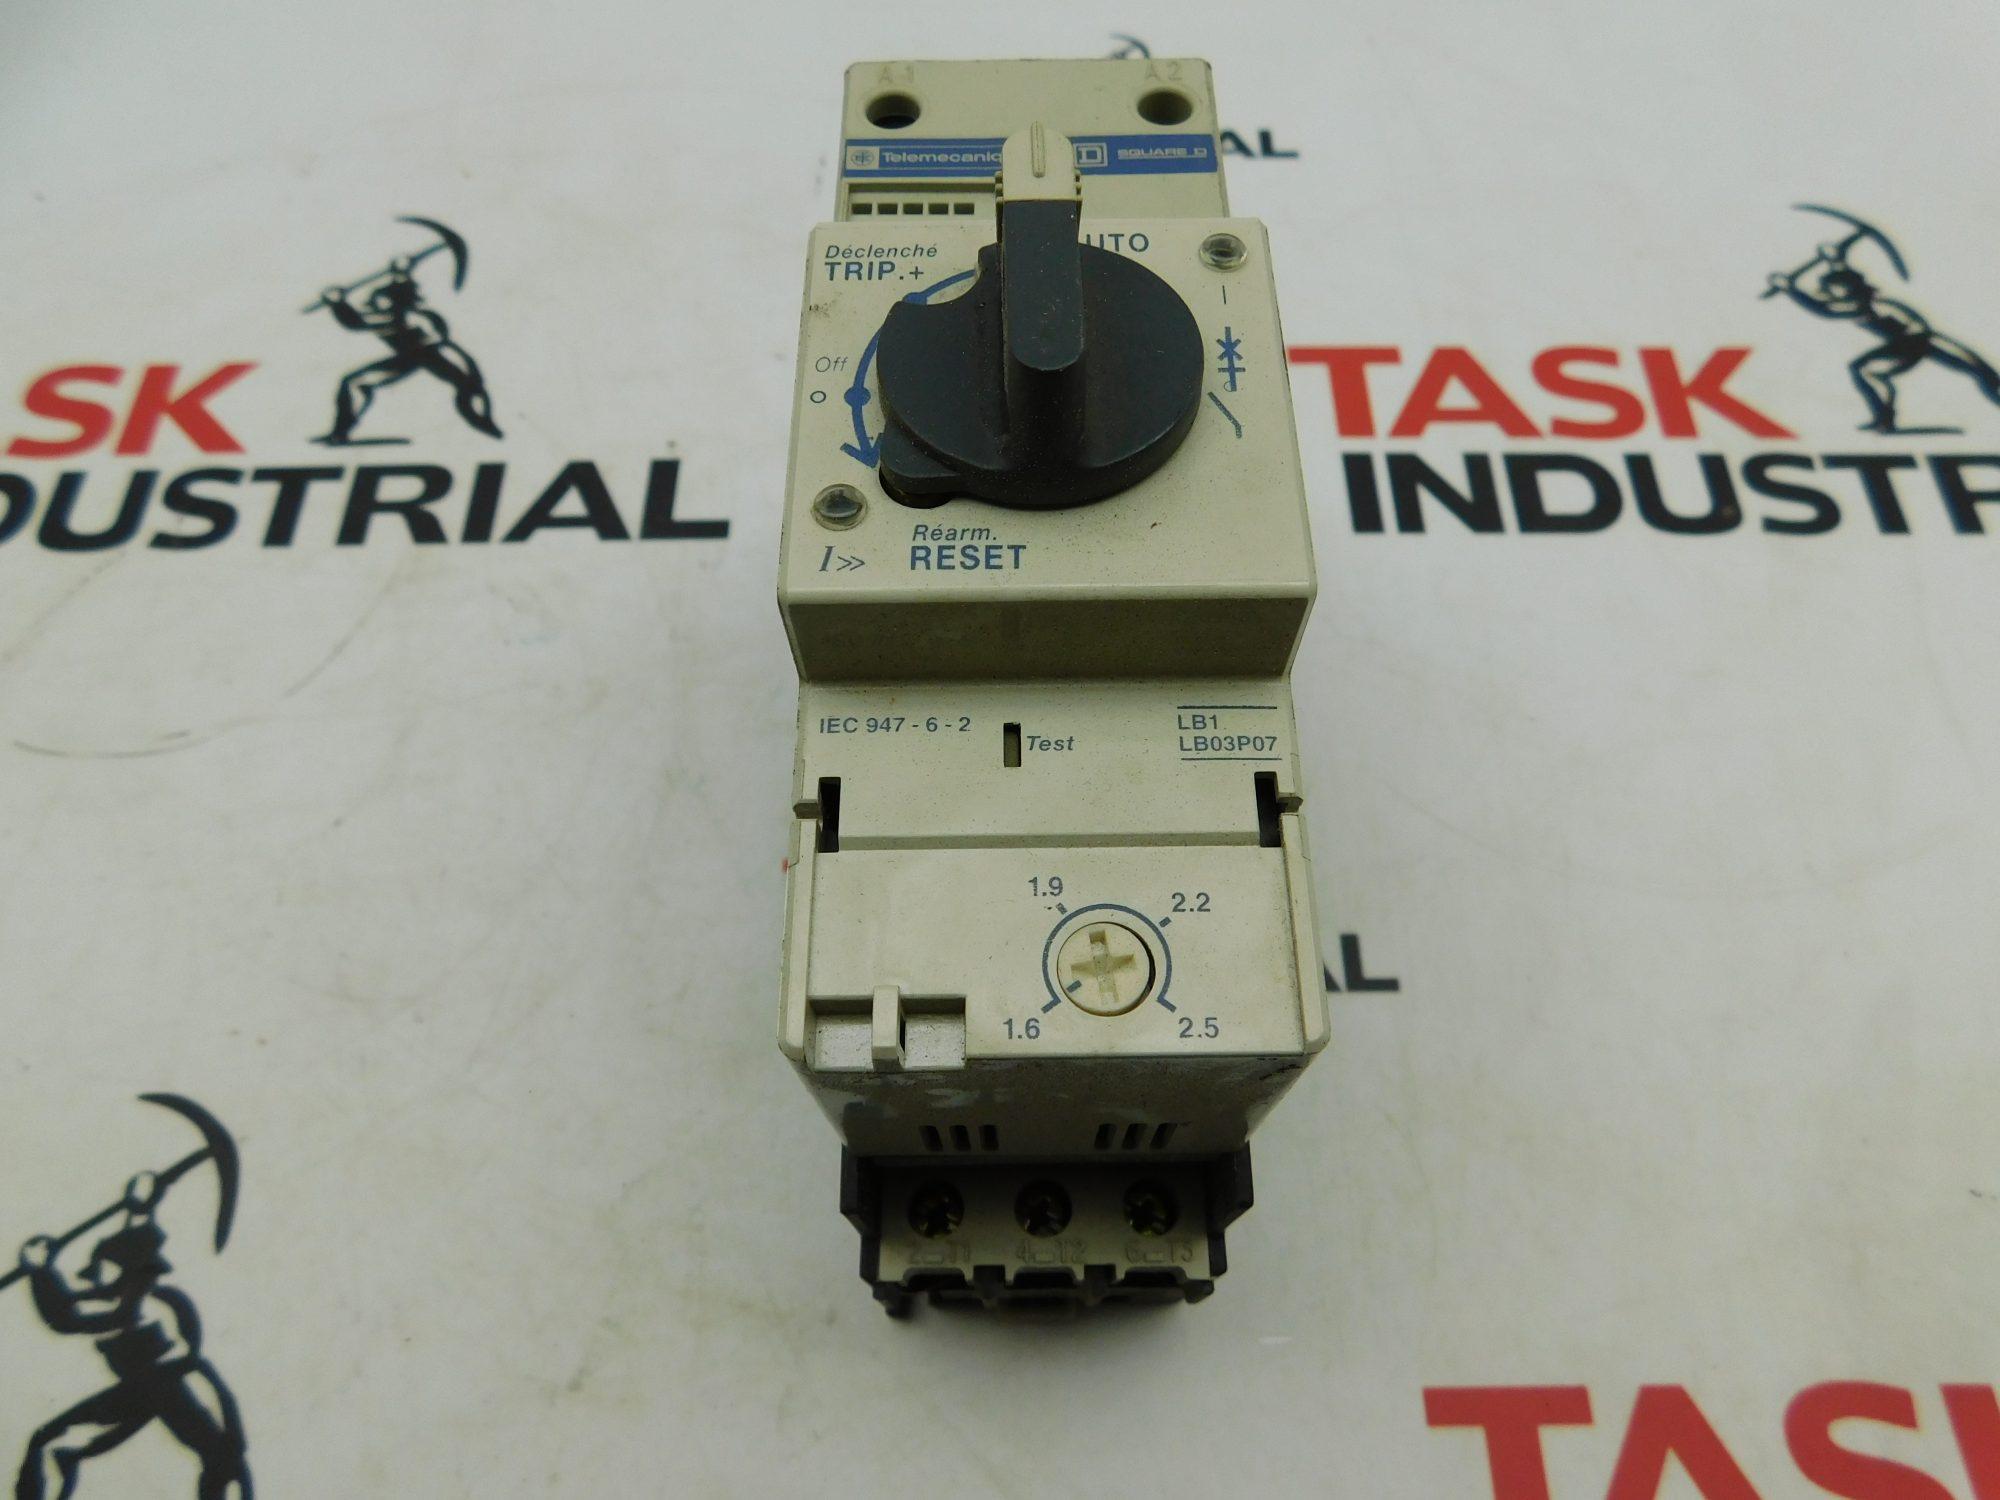 Telemecanique LD1 LB030 18A Telemecanique LD1 LB030 18A Starter W/ LB1 LB03P Starter W/ LB1 LB03P